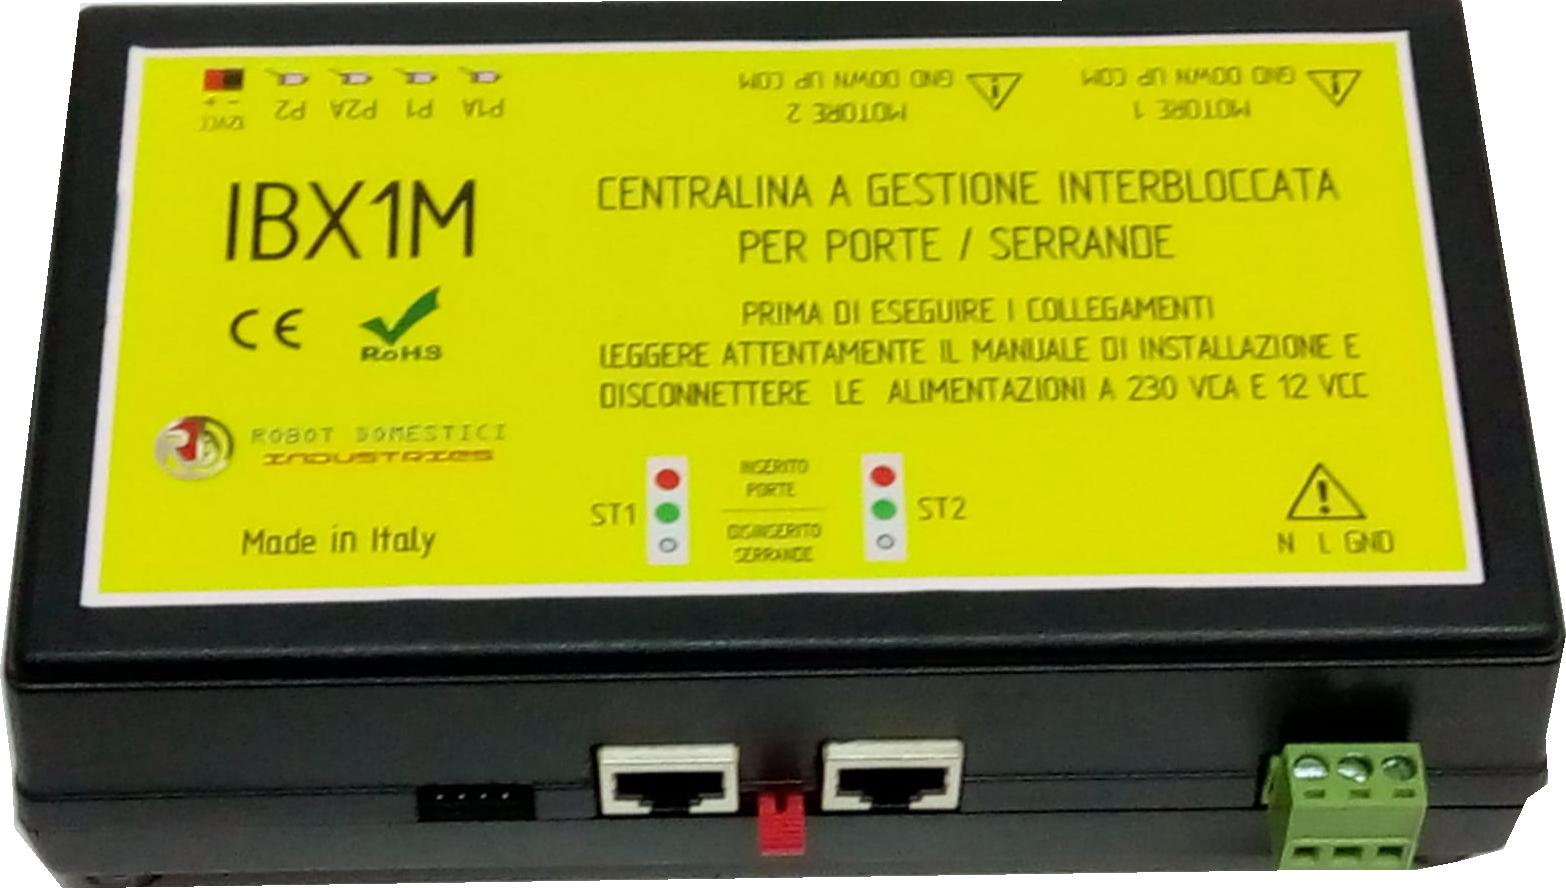 KIT Centralina a Gestione Interbloccata per Porte e Serrande